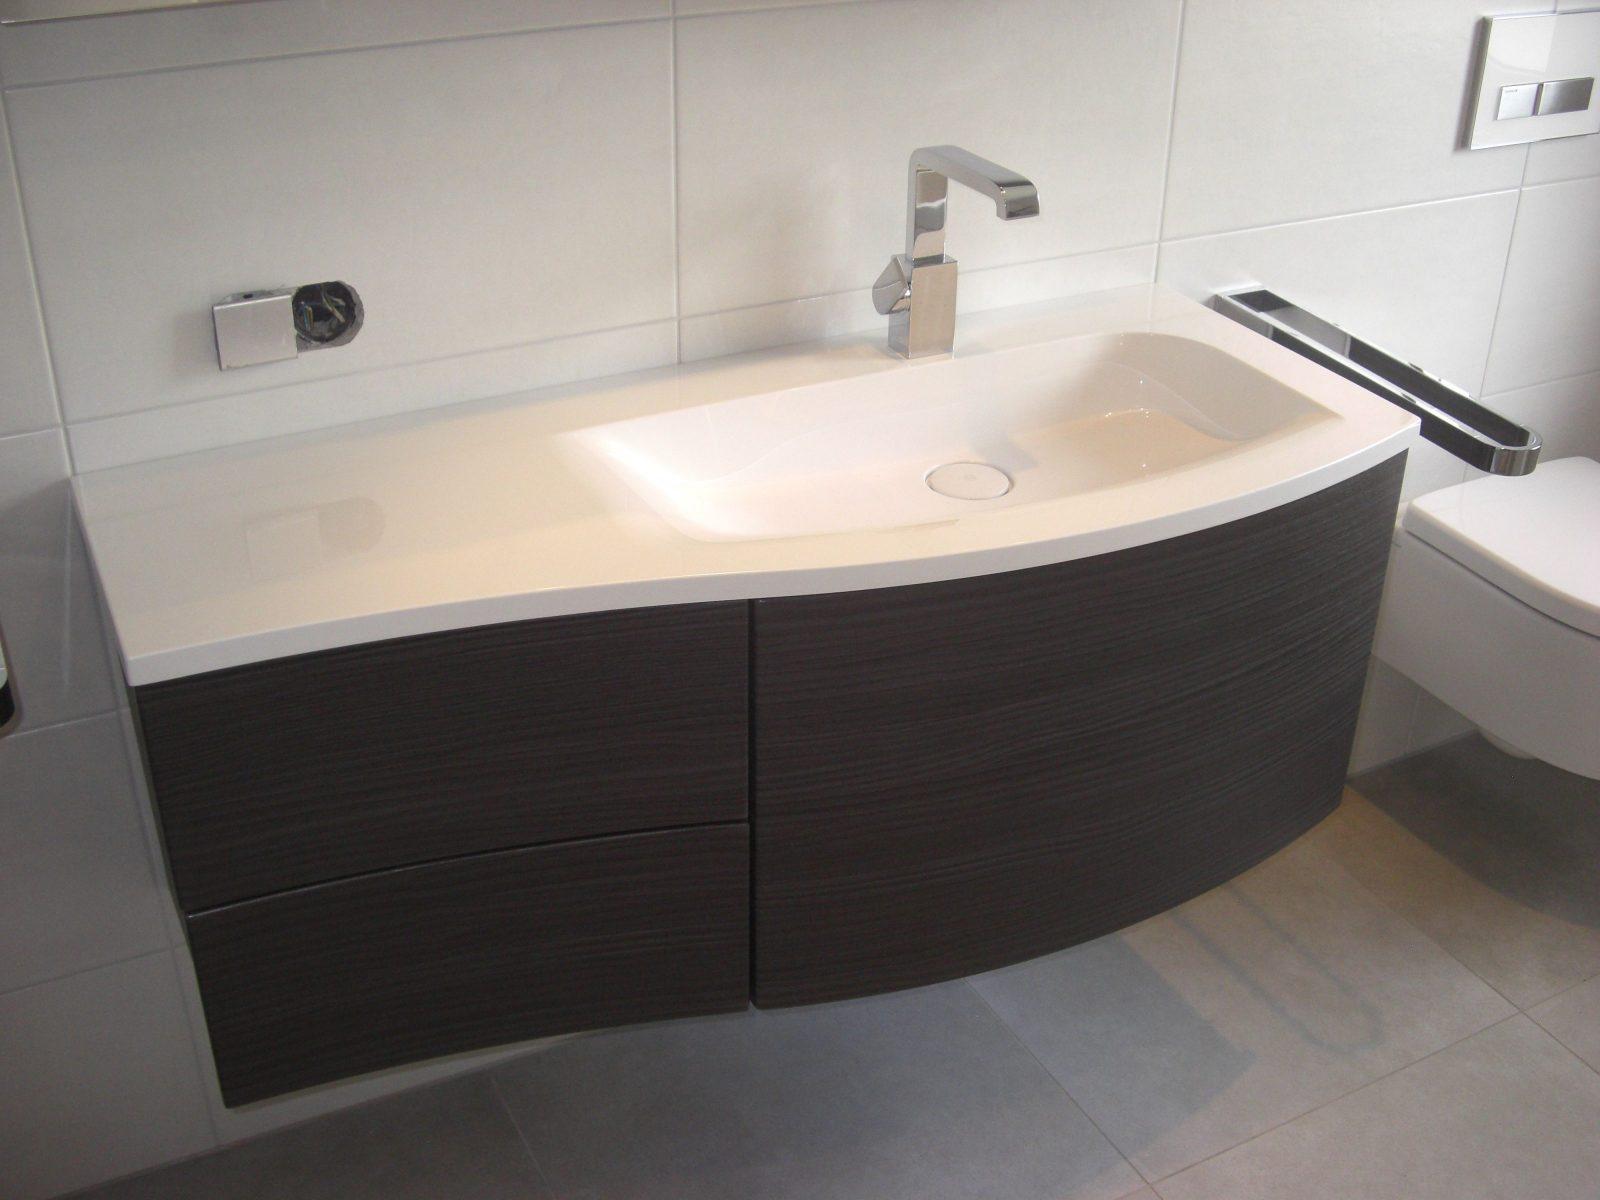 Waschtisch Mit Unterschrank Geschwungene Form  Bathroom Ekkor 2019 von Laguna Wings Waschtisch Mit Unterschrank Photo